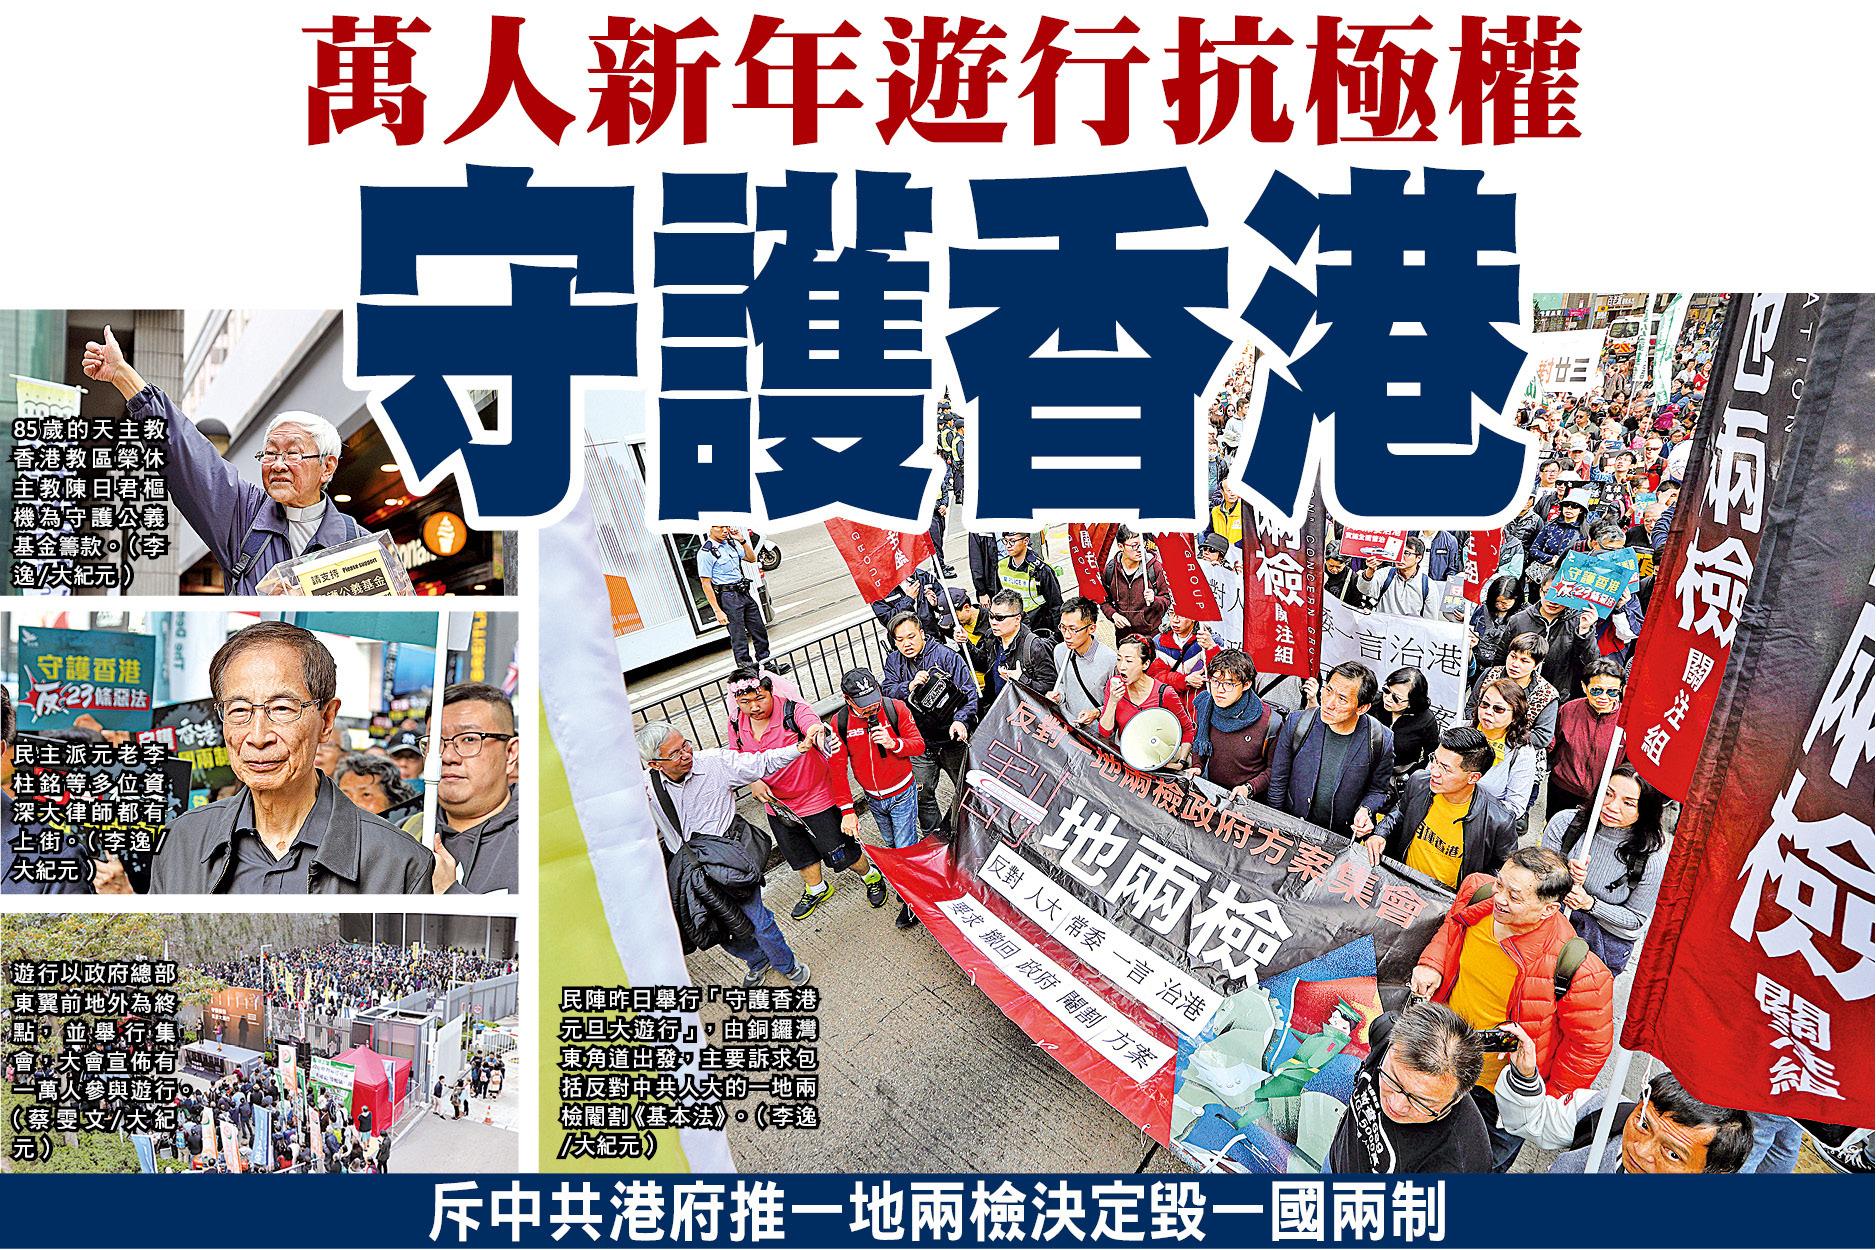 萬人新年遊行抗極權 守護香港